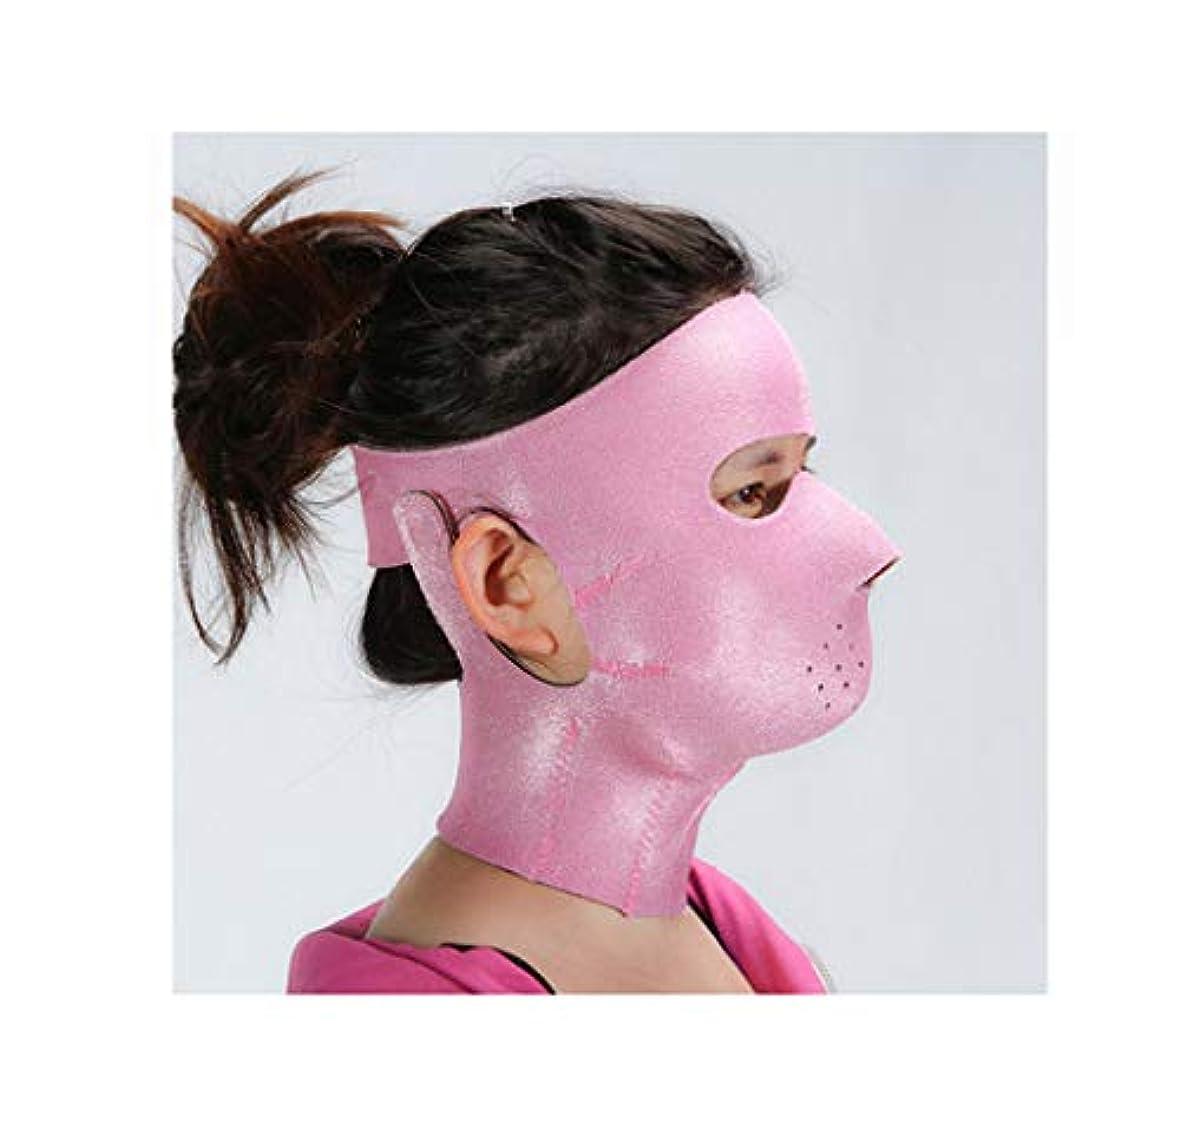 有力者争うピービッシュフェイスリフトマスク、フェイシャルマスクプラス薄いフェイスマスクタイトアンチたるみシンフェイスマスクフェイシャル薄いフェイスマスクアーティファクトビューティーネックストラップ付き